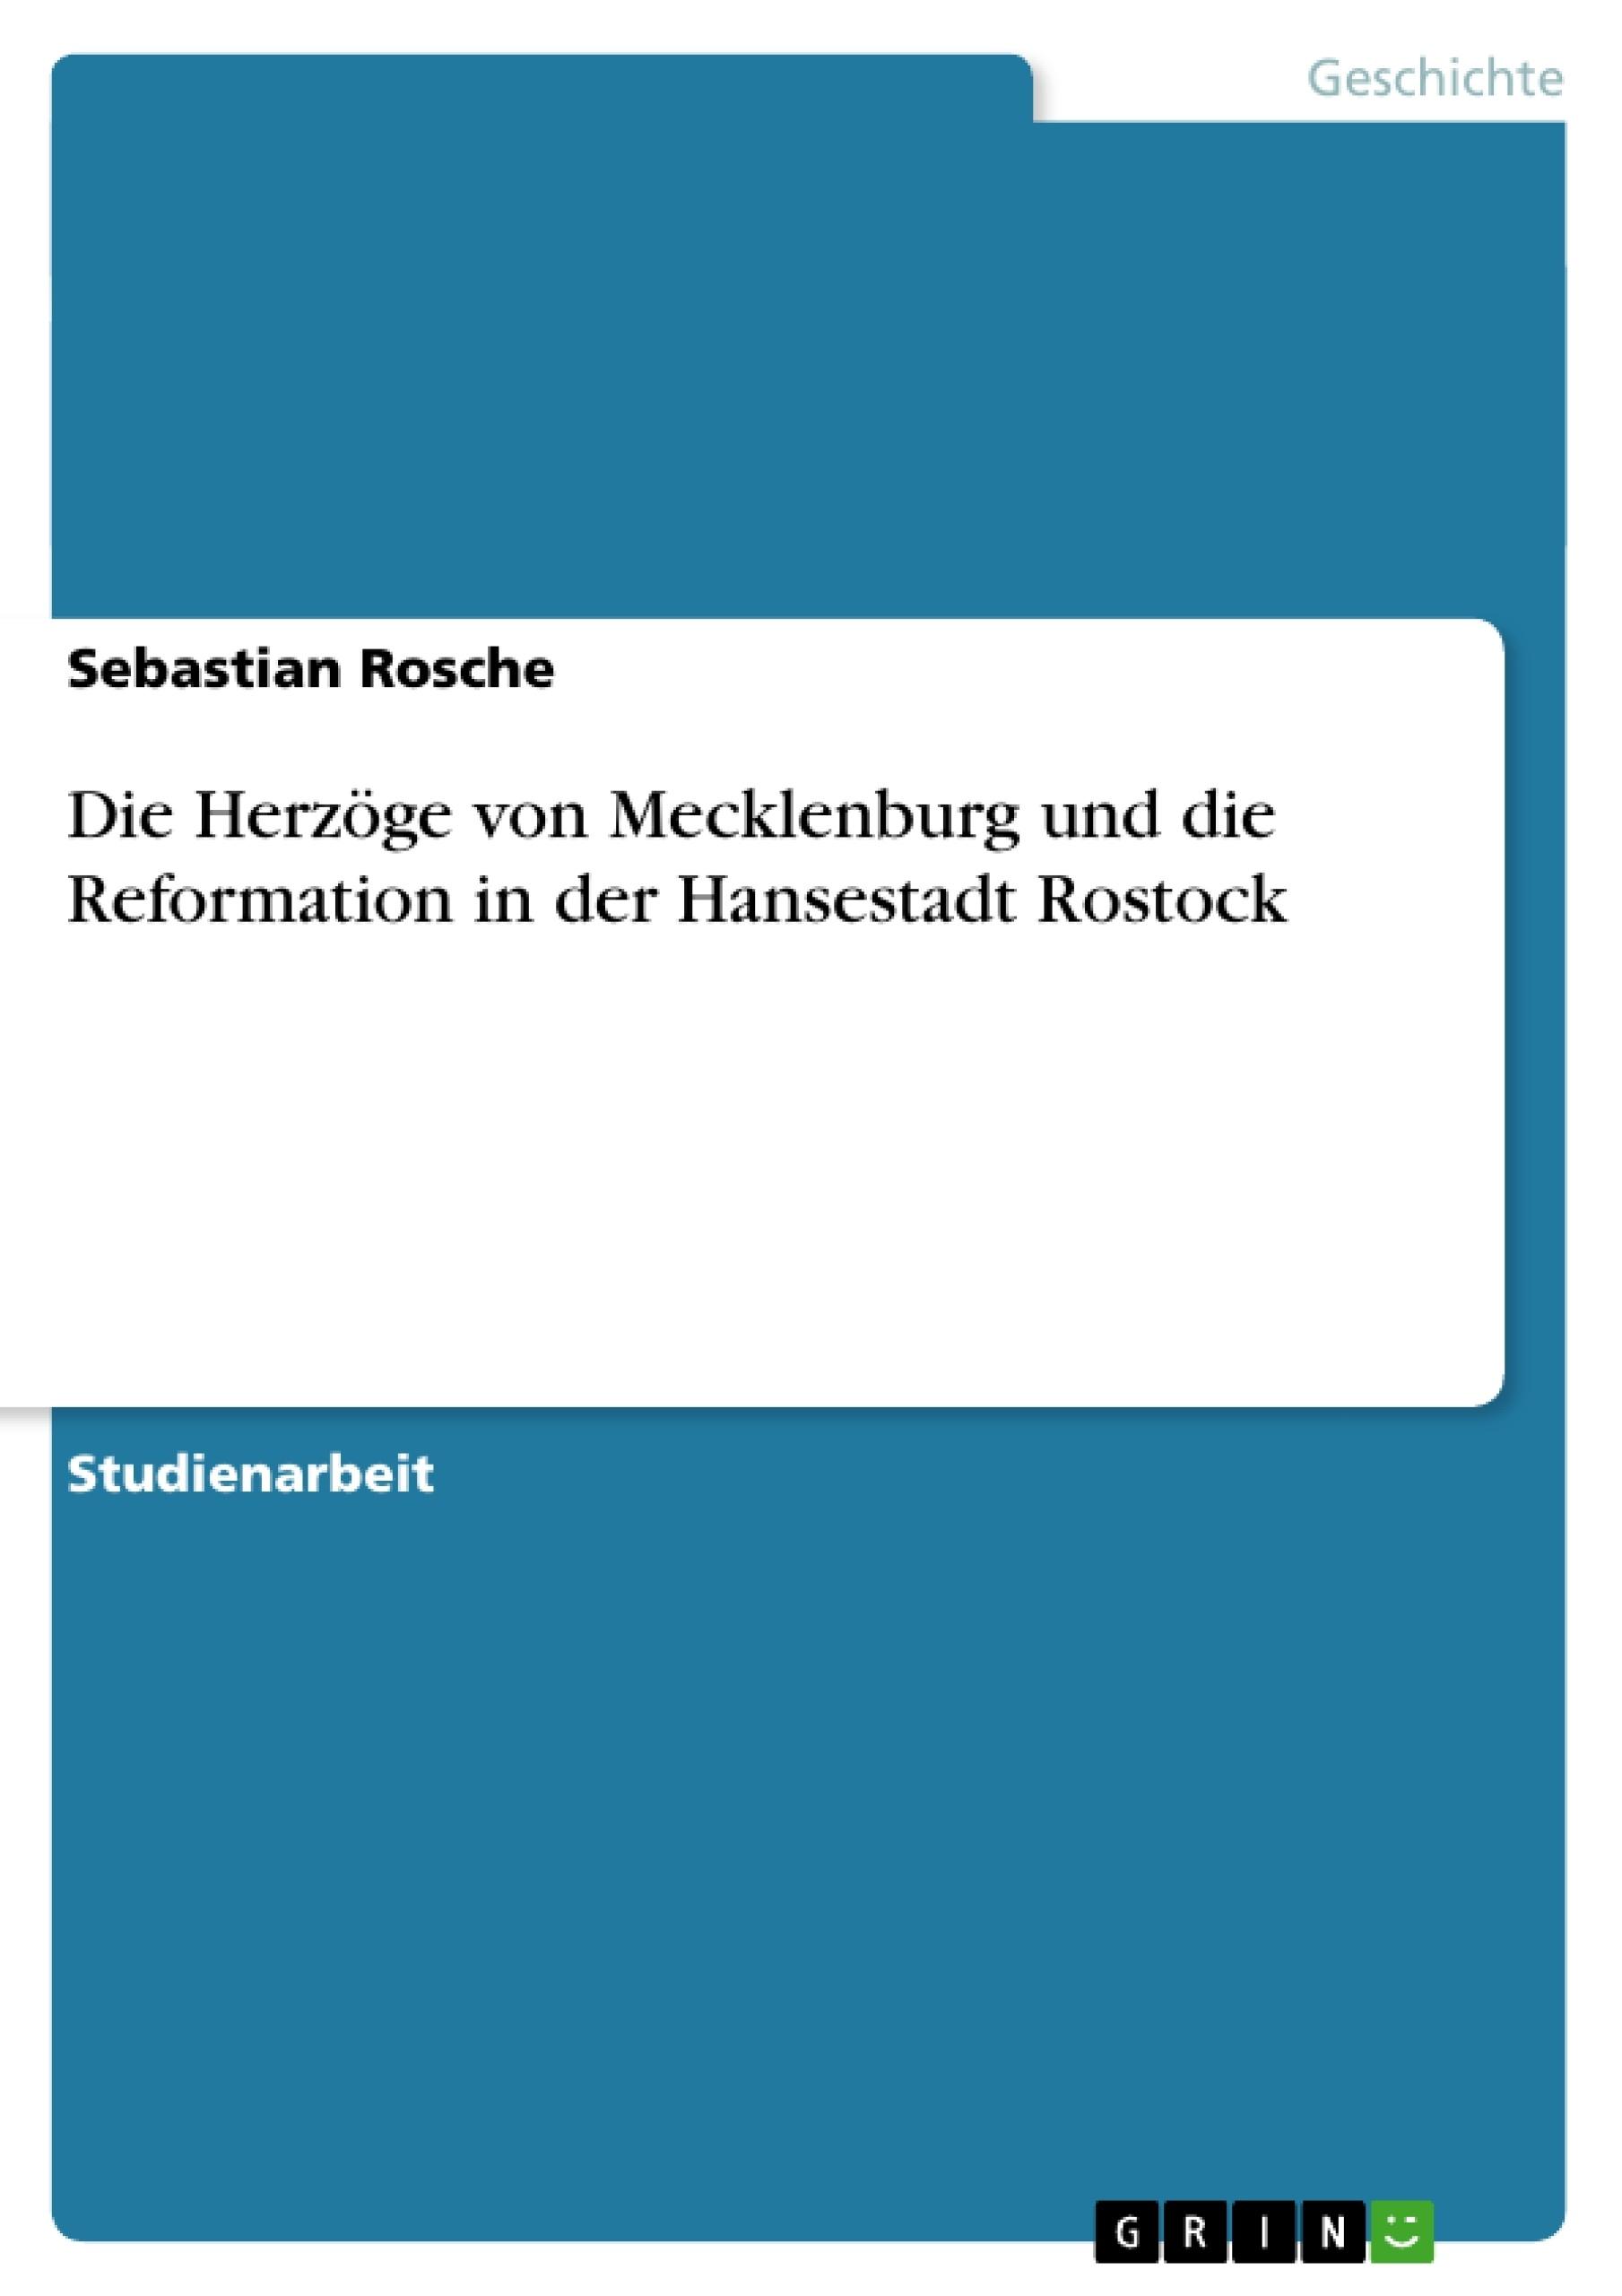 Titel: Die Herzöge von Mecklenburg und die Reformation in der Hansestadt Rostock